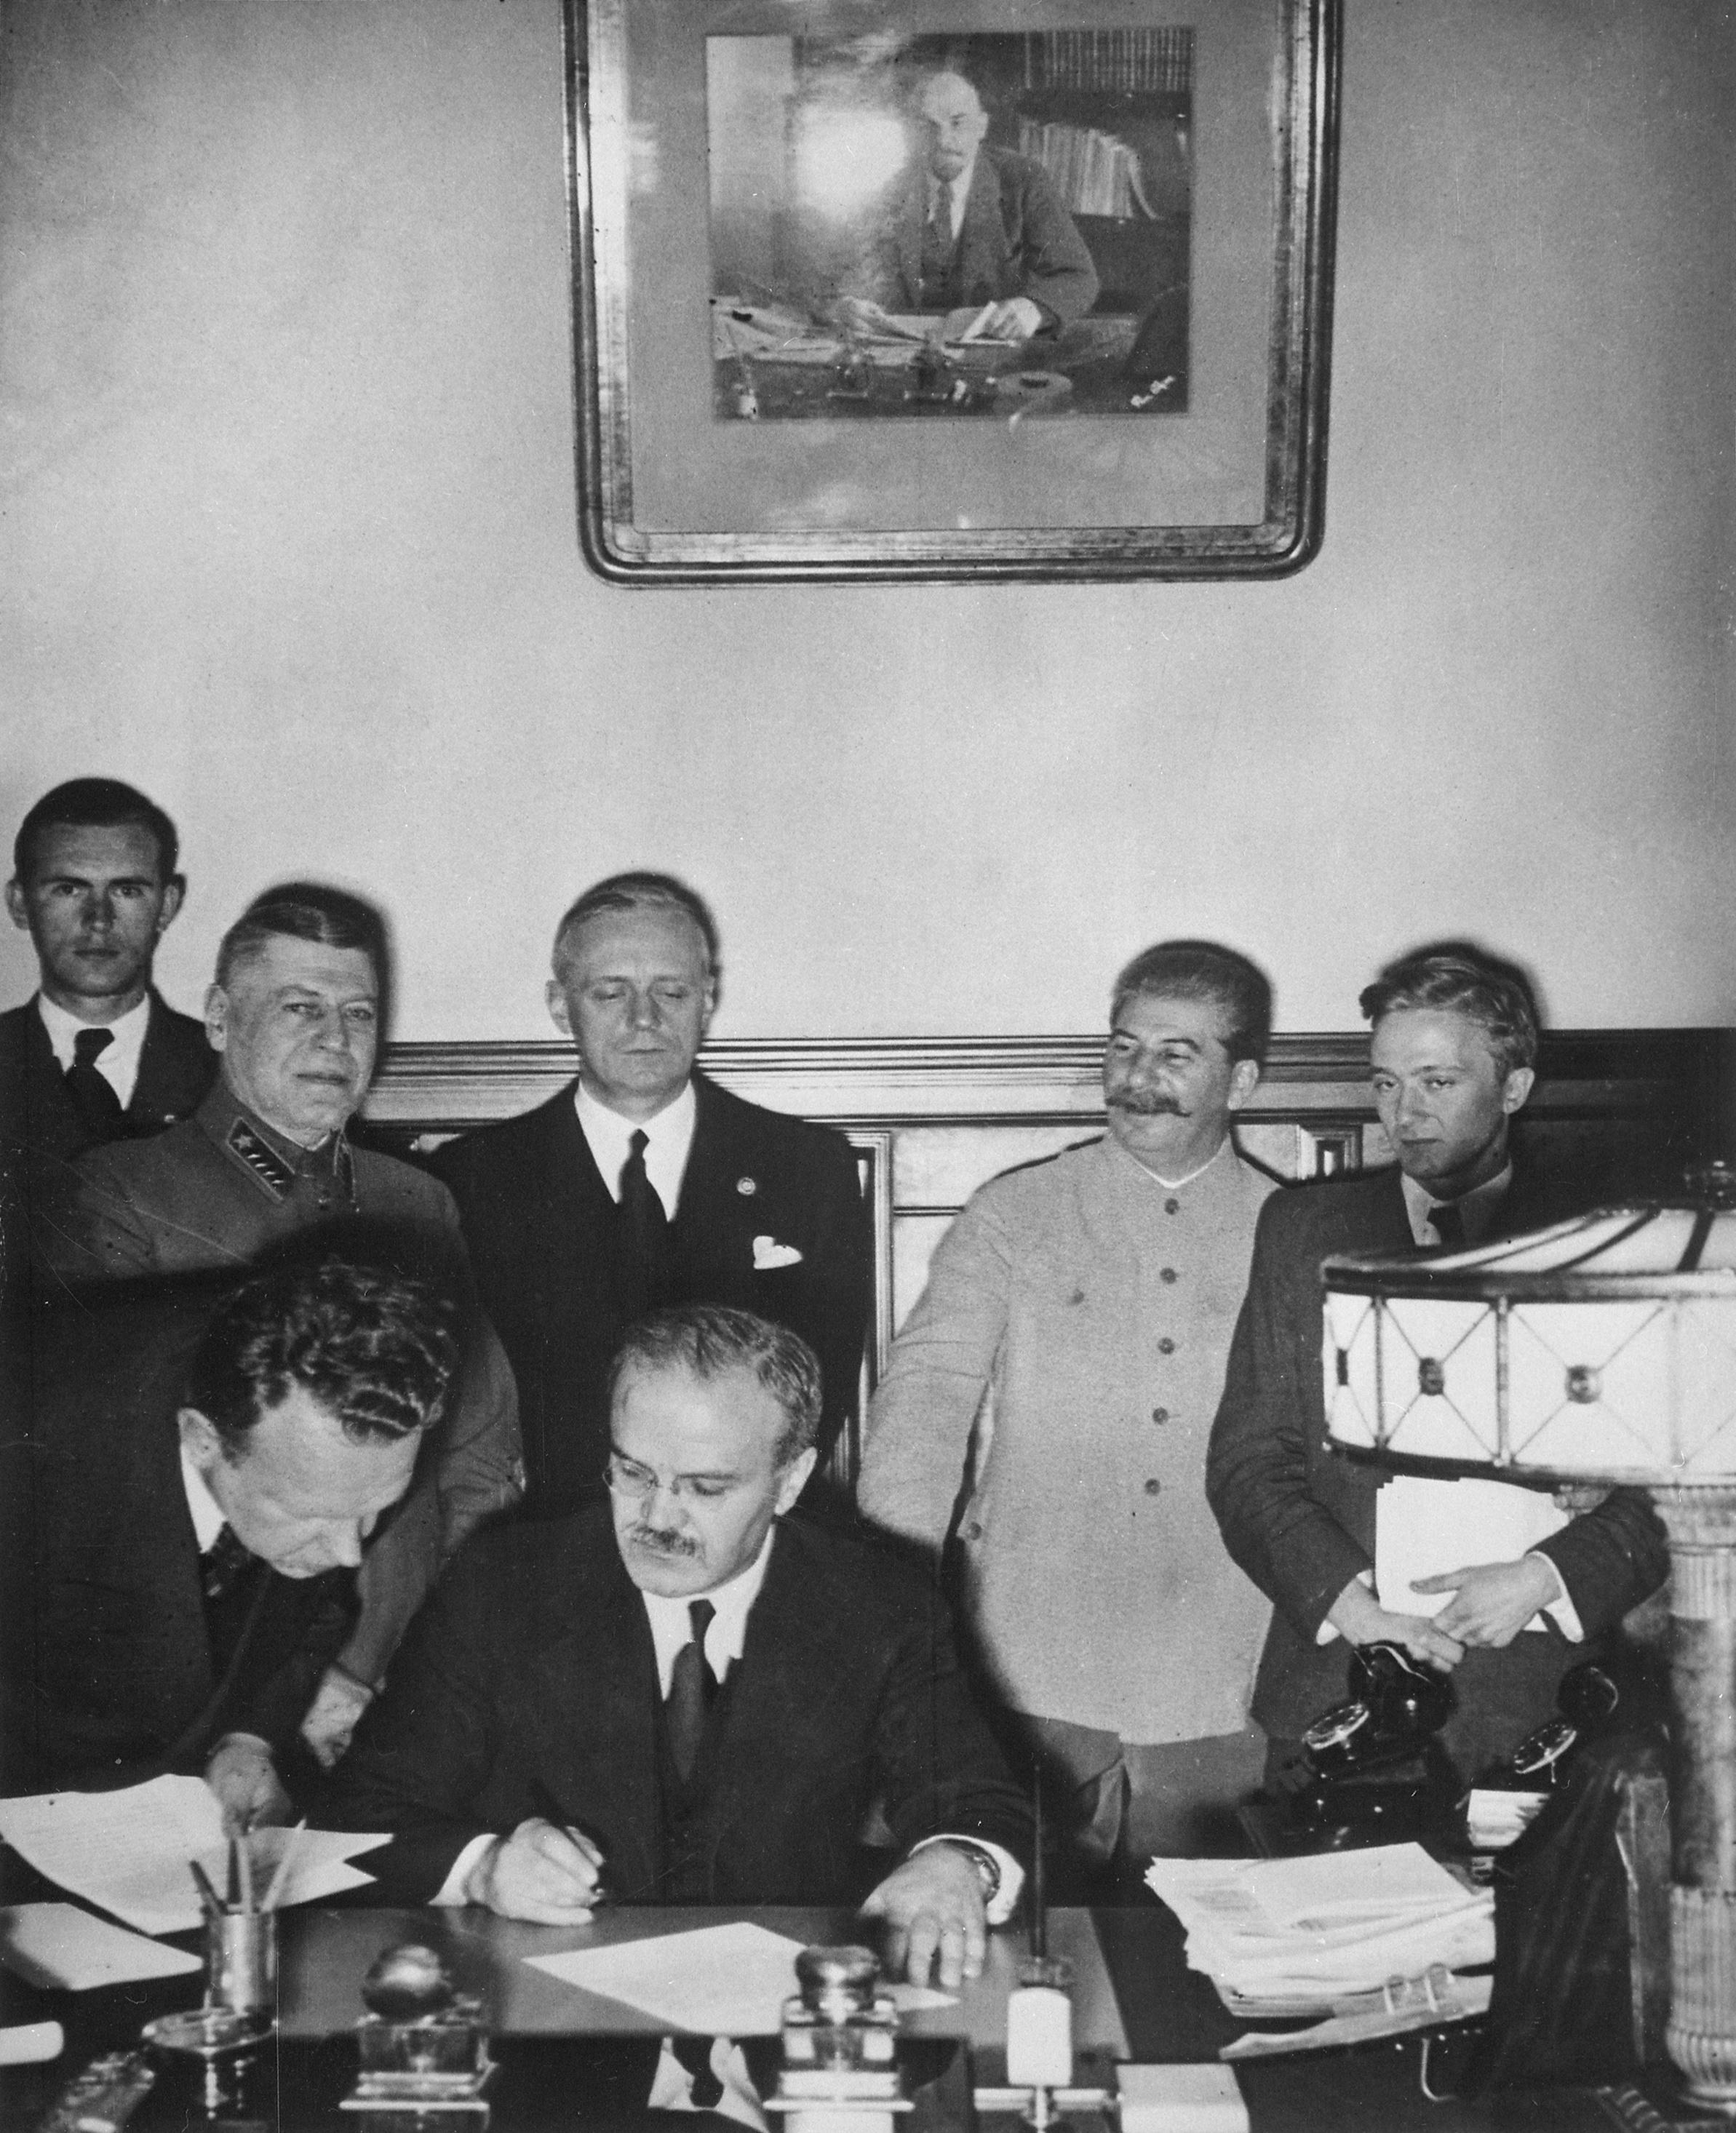 Подписание пакта Молотова-Риббентроппа. За спиной В.Молотова стоят Иоахим фон Риббентроп и Иосиф Сталин. Москва, 23 августа 1939 г.